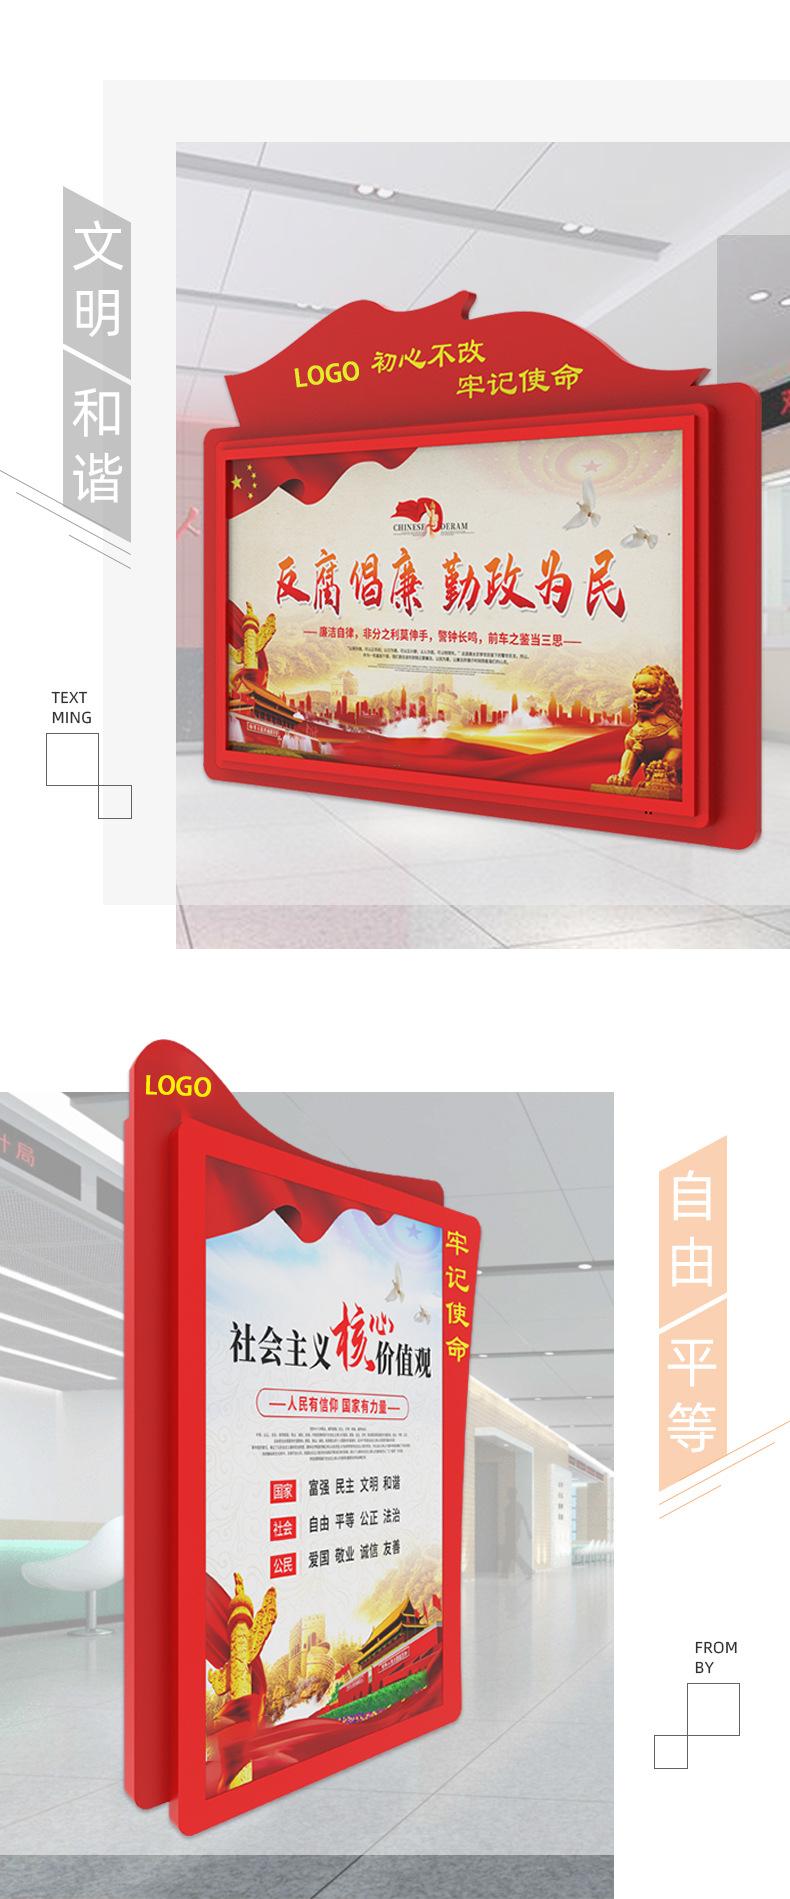 液晶屏广告